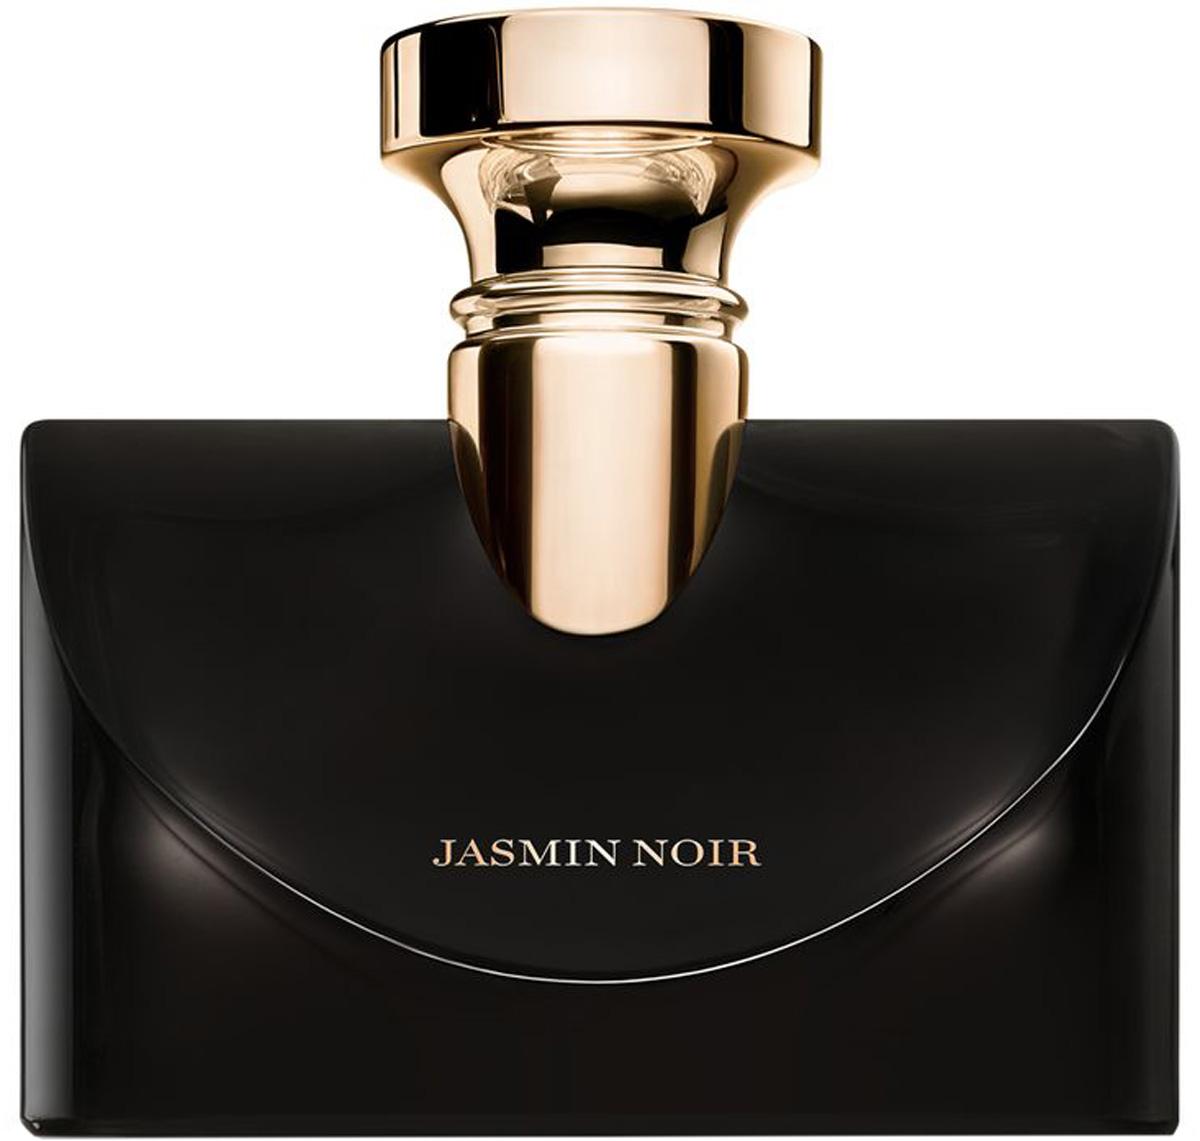 Bvlgari Splendida Jasmin Noir Парфюмерная вода женская спрей, 100 мл97731BVLSplendida Jasmin Noir — это новое издание аромата для женщин от BVLGARI. Jasmin Noir - изящное и безупречное воплощение итальянских ювелирных традиций престижа и роскоши.